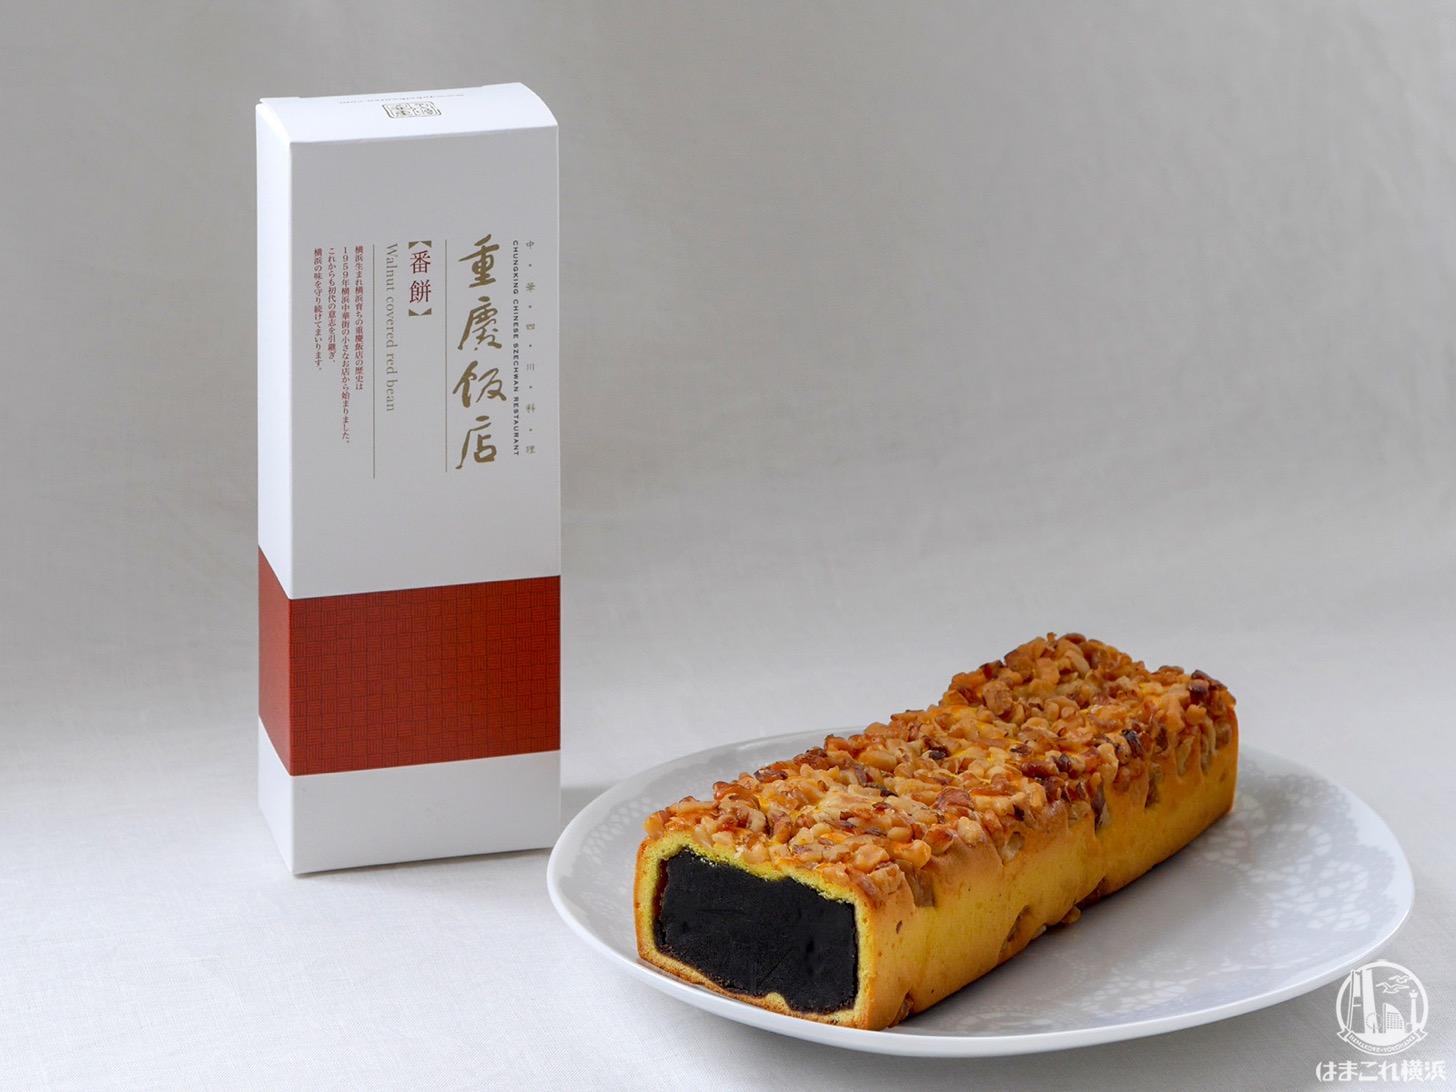 重慶飯店「番餅(ばんぴん)」